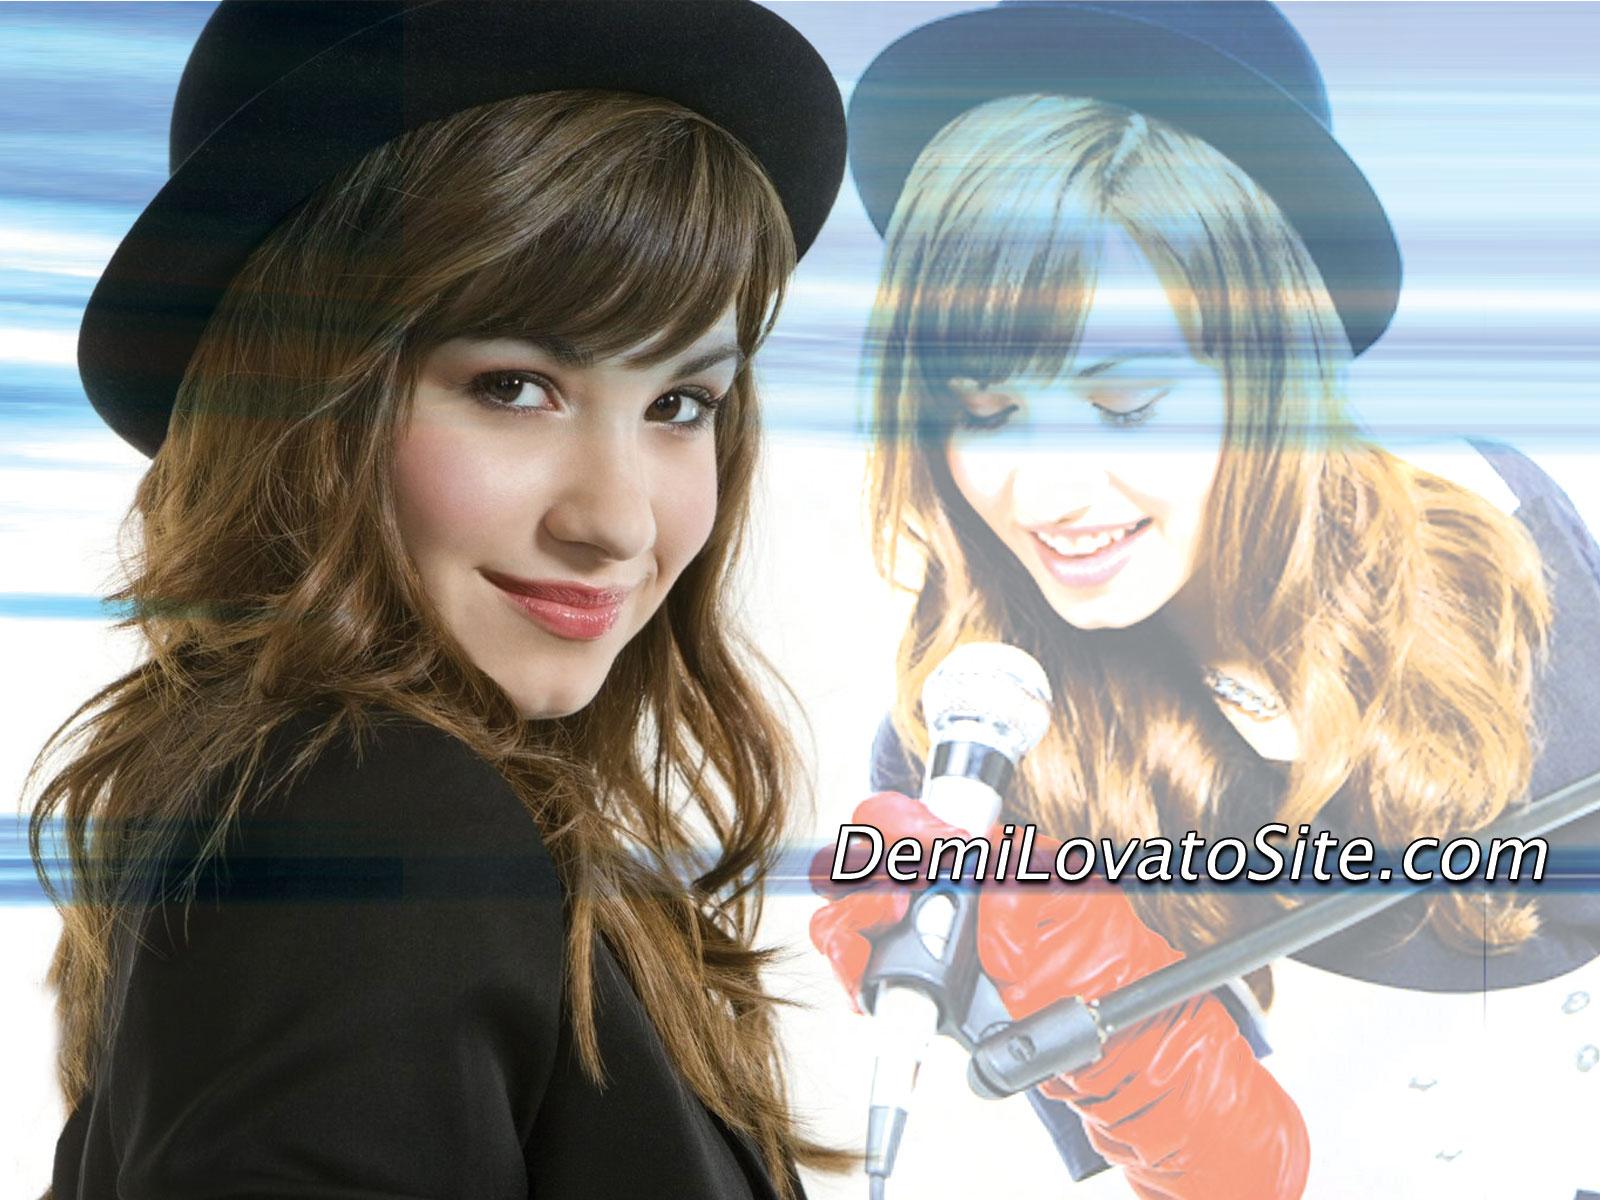 http://2.bp.blogspot.com/_CMf2hbvWnqU/TPnTq0nTznI/AAAAAAAAAR0/7nOMh_pfgt0/s1600/Demi-Lovato-Wallpaper%252525252B2.jpg